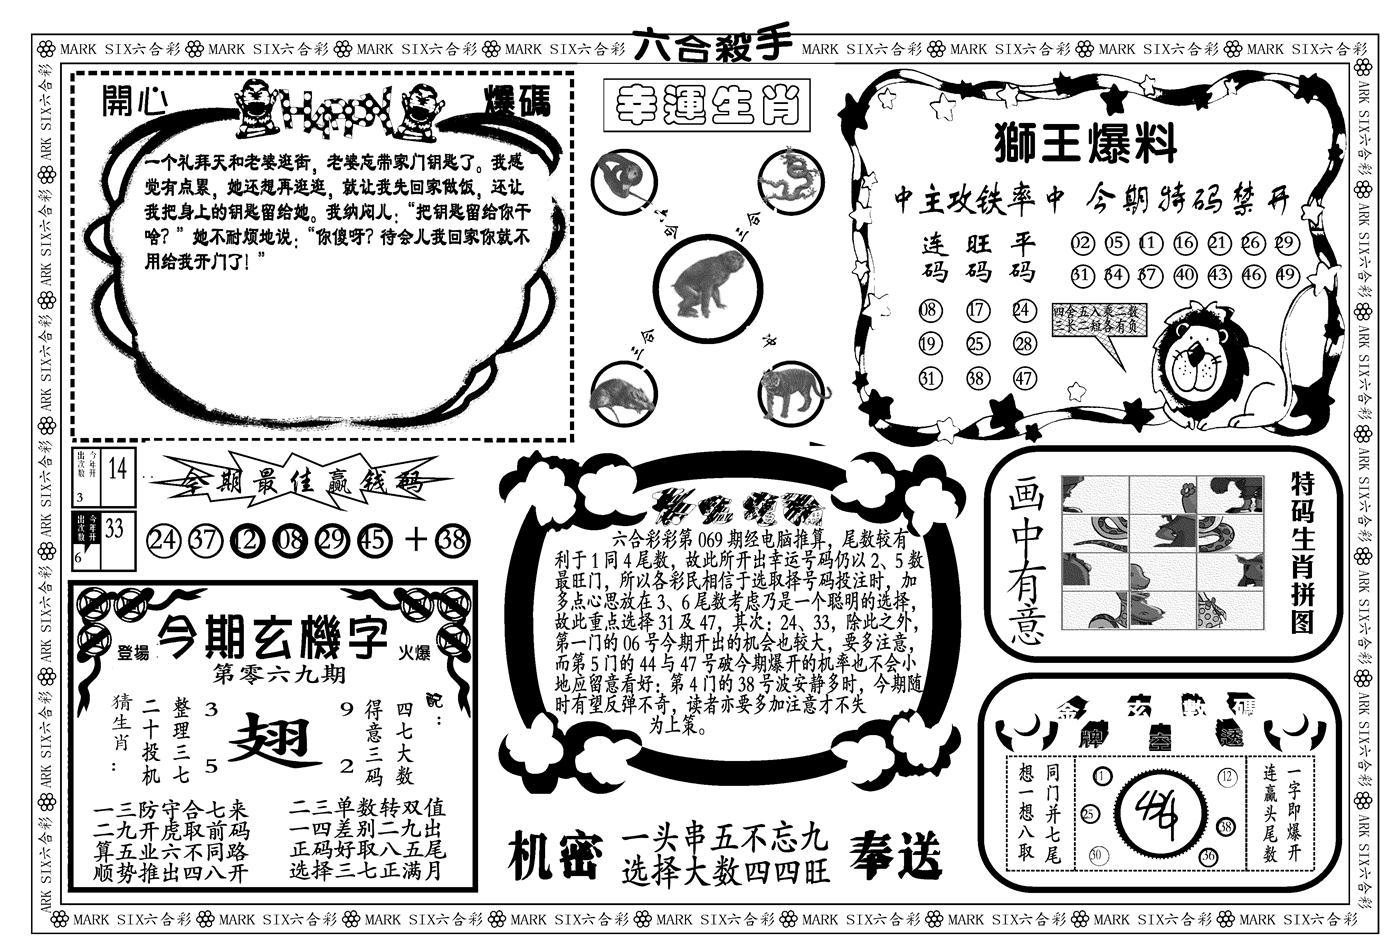 069期新六合杀手B(黑白)